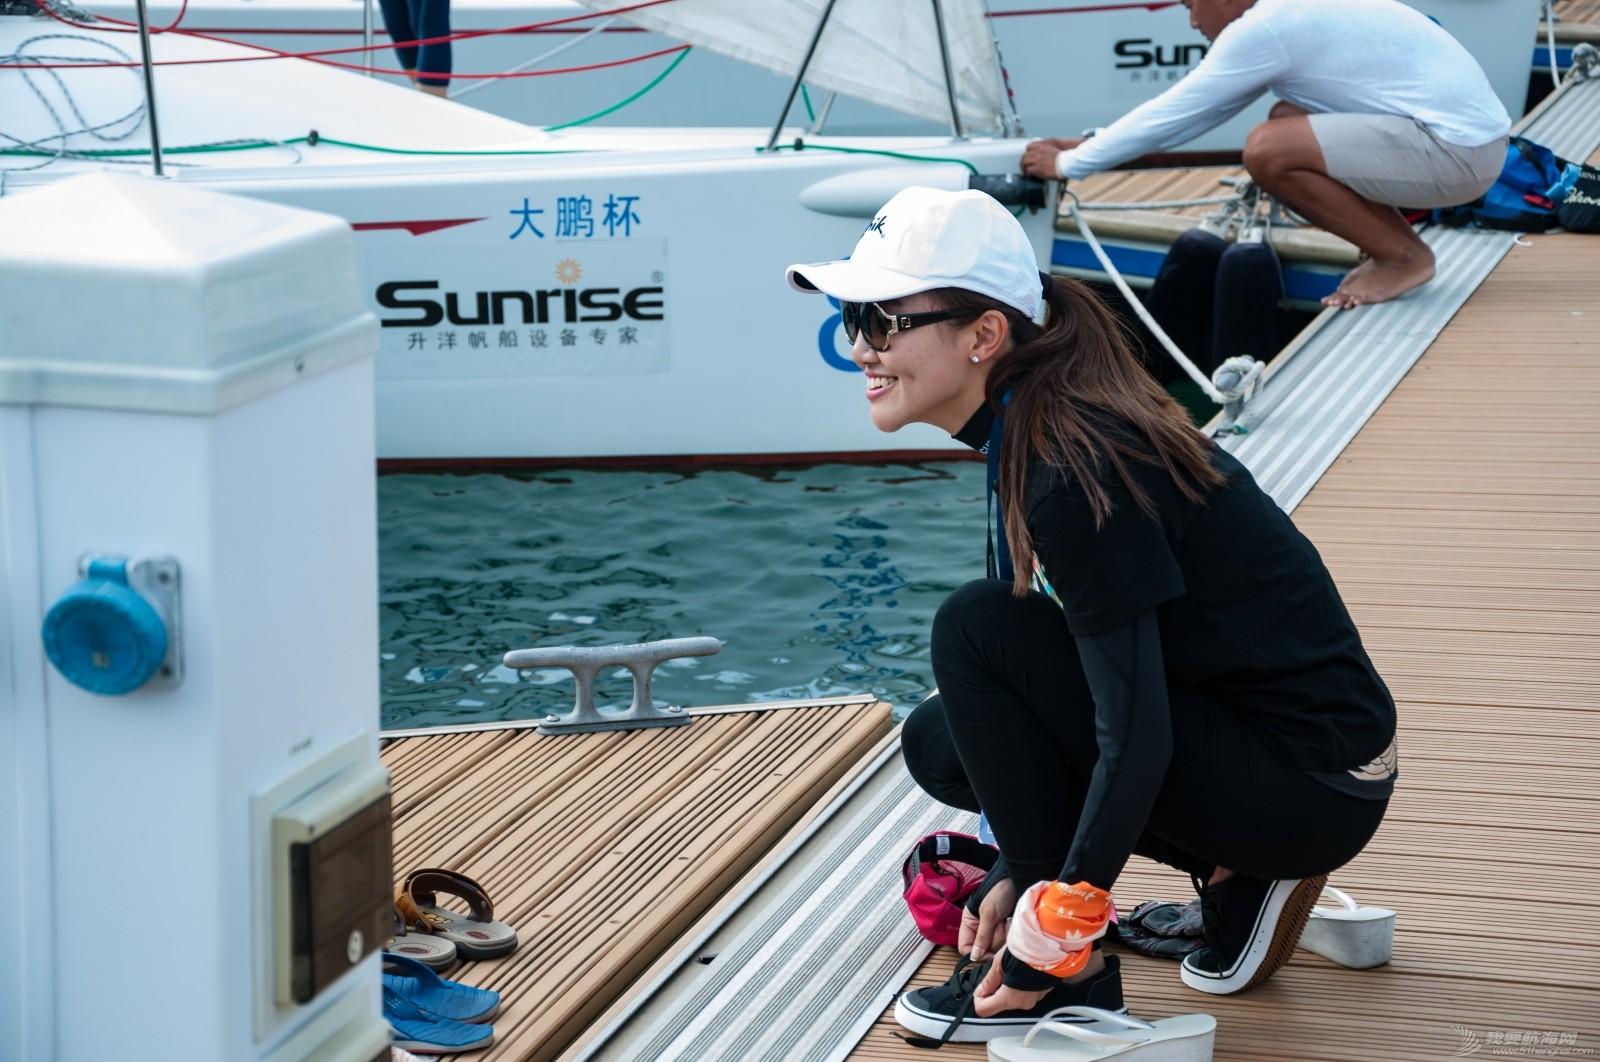 【2015大鹏杯帆船赛】21号上午出发集锦 s006.jpg